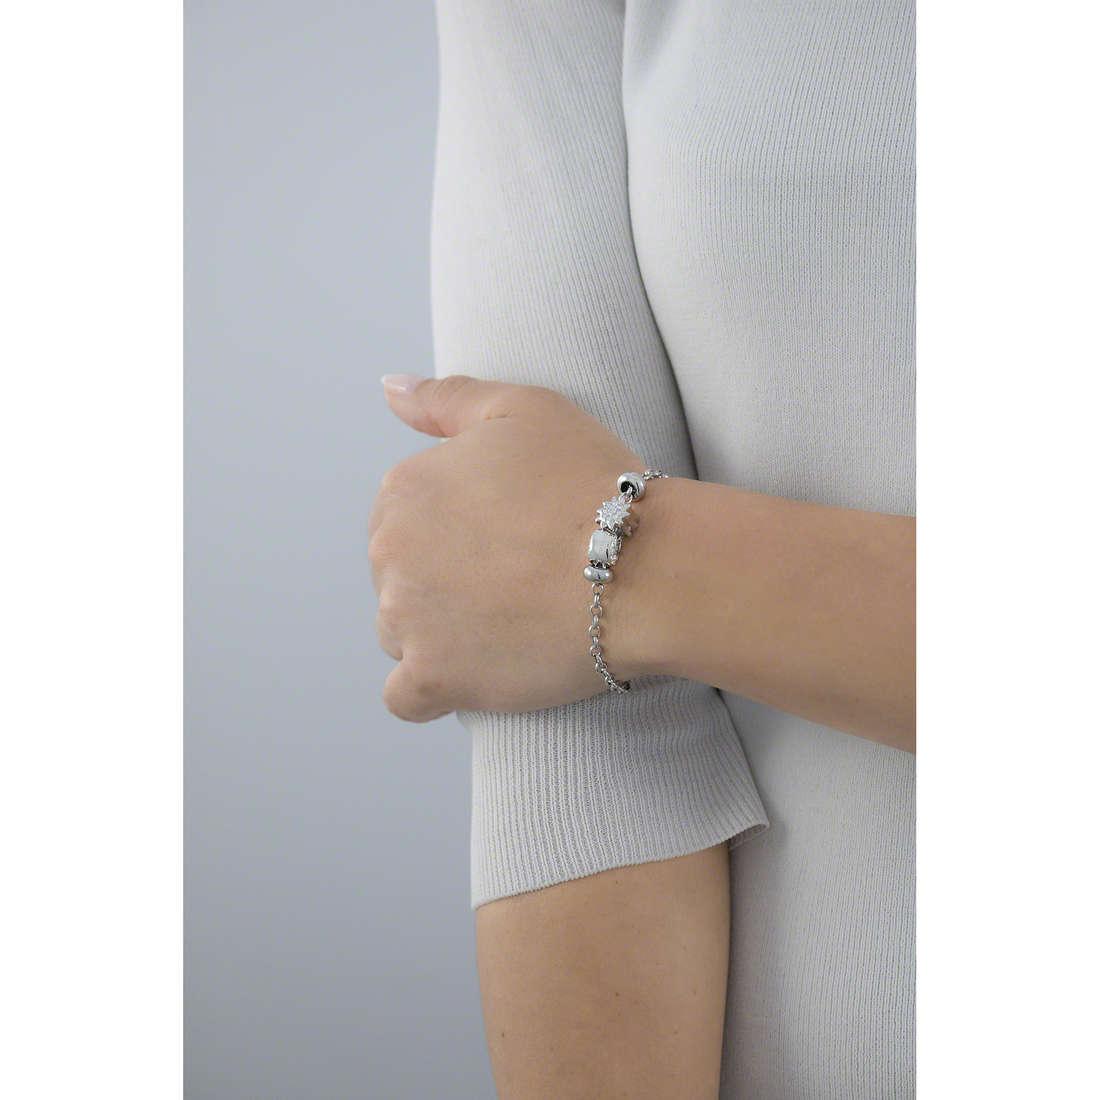 Morellato bracciali Drops donna SCZ679 indosso